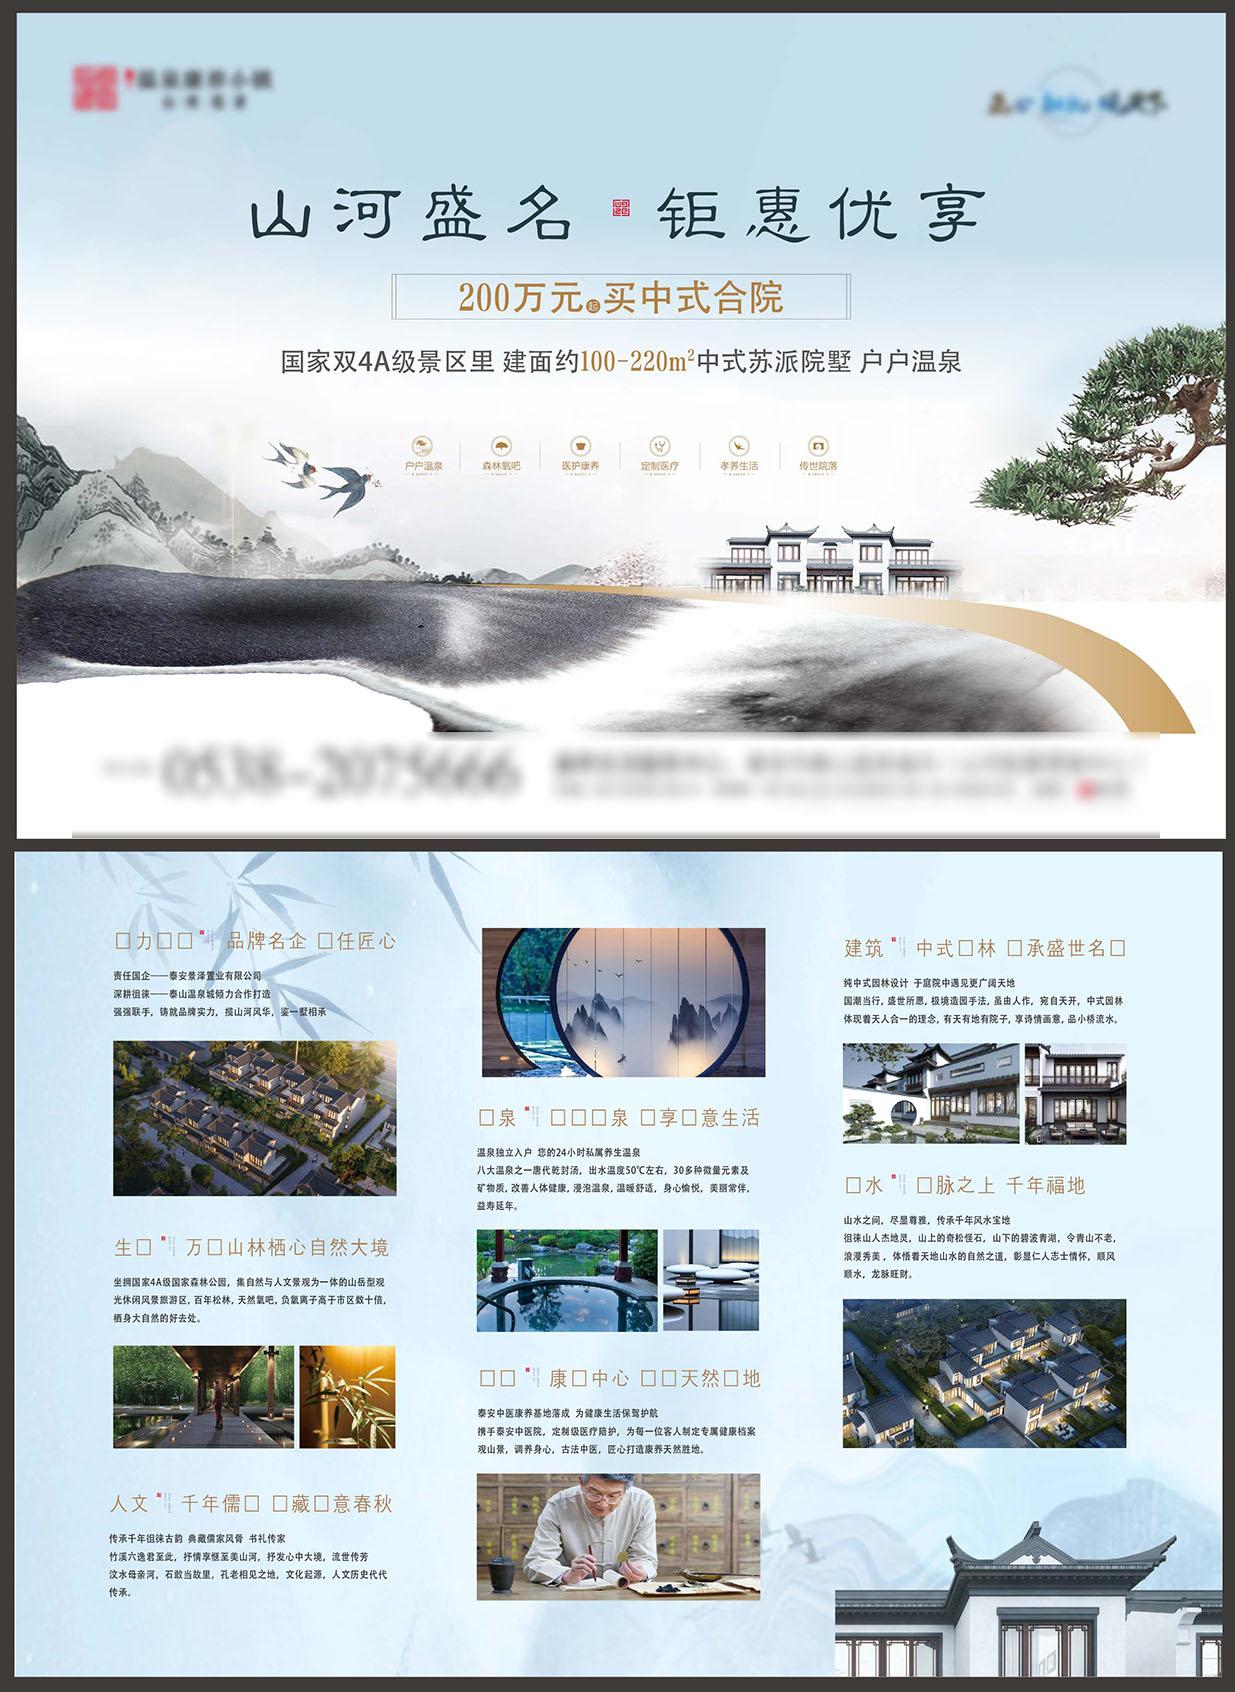 房地产新中式住宅DM宣传宣传单AI源文件插图